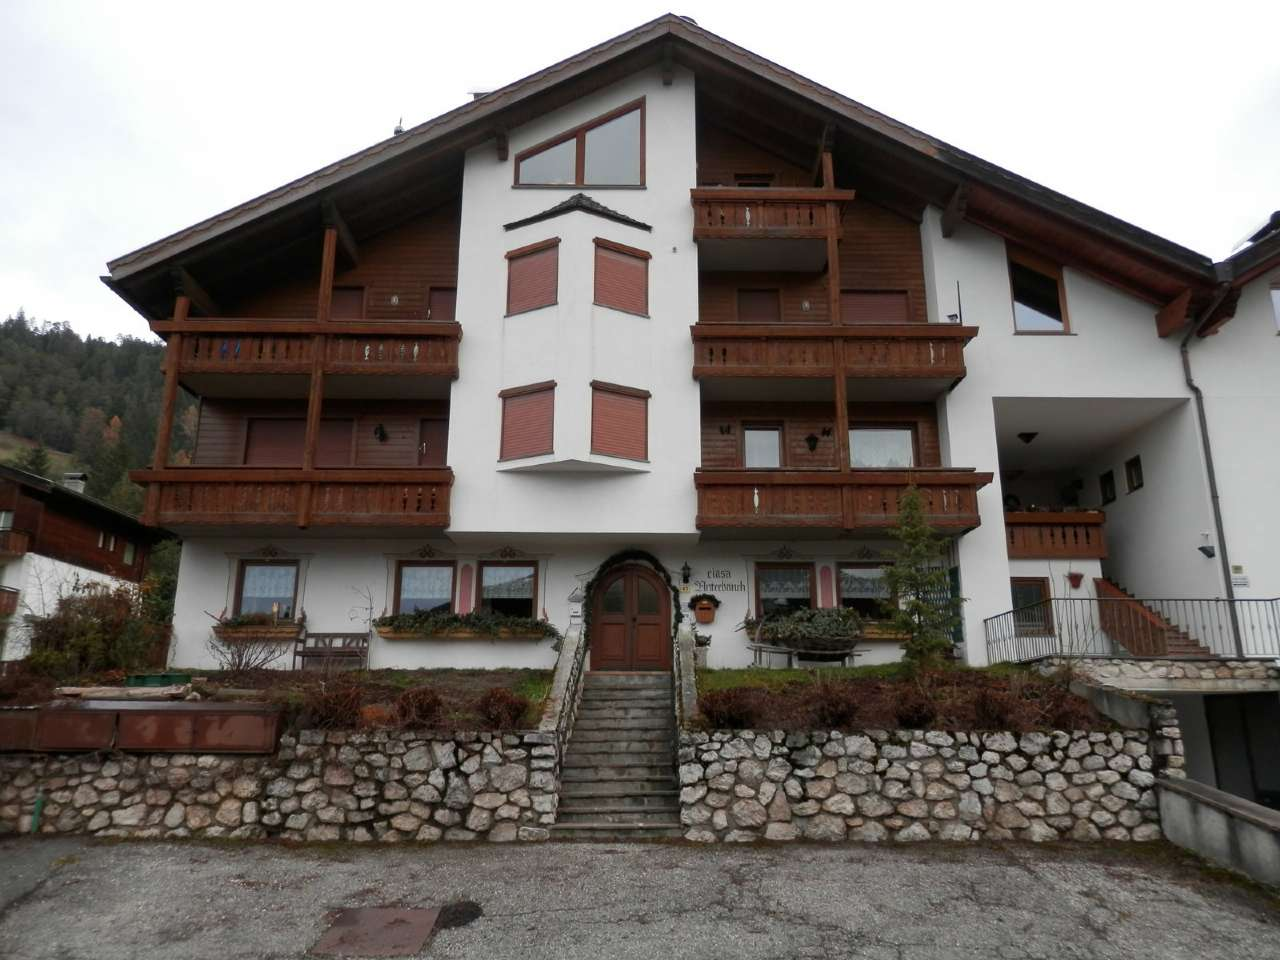 Appartamento in vendita a Marebbe, 3 locali, Trattative riservate | CambioCasa.it